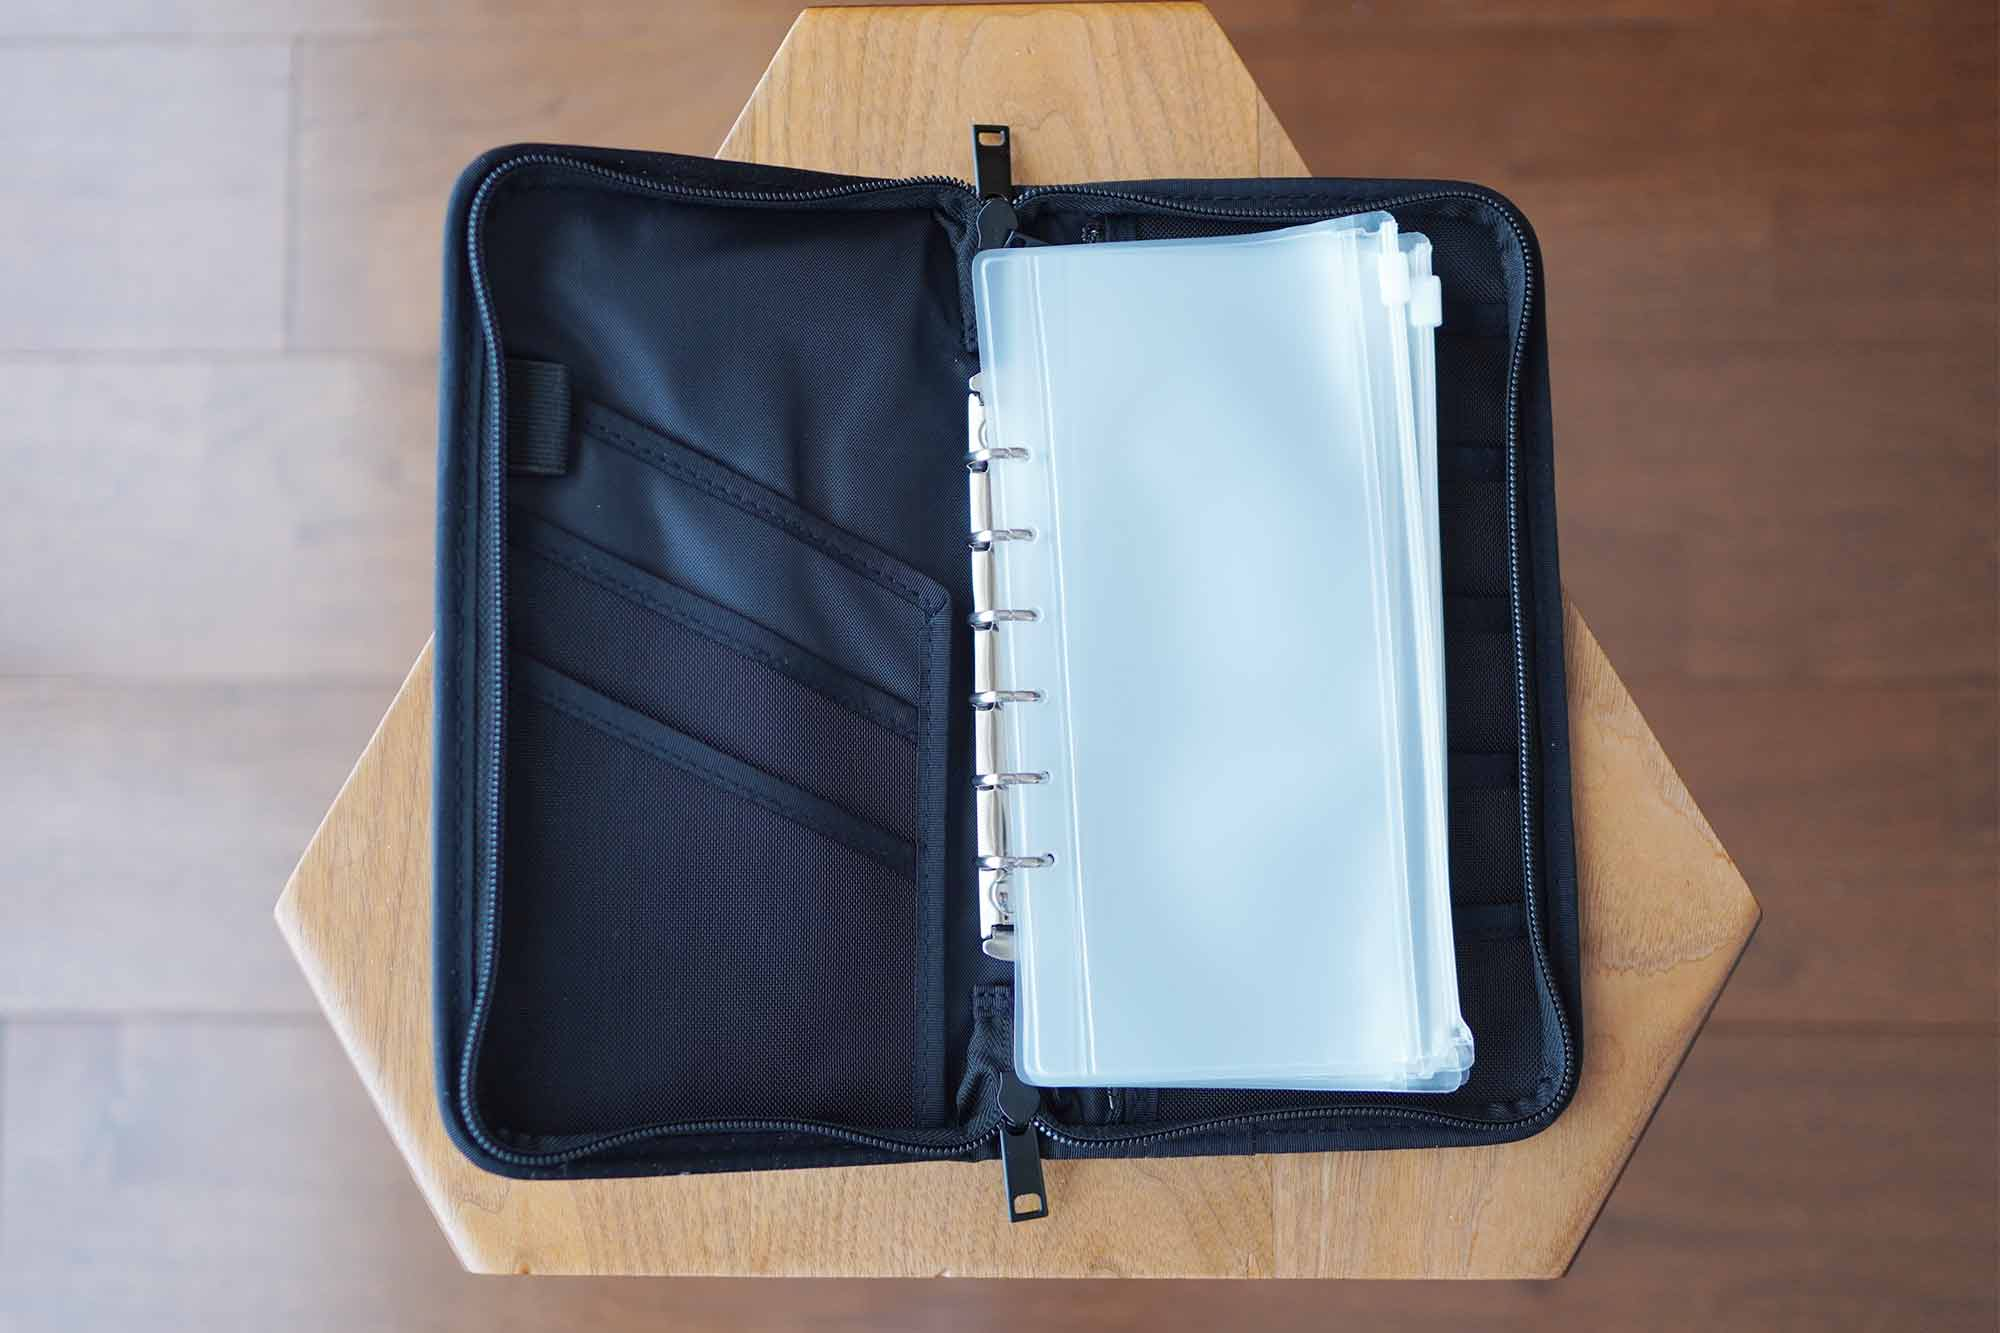 無印良品,パスポートケース,収納,便利,通帳,安い,クリアポケット